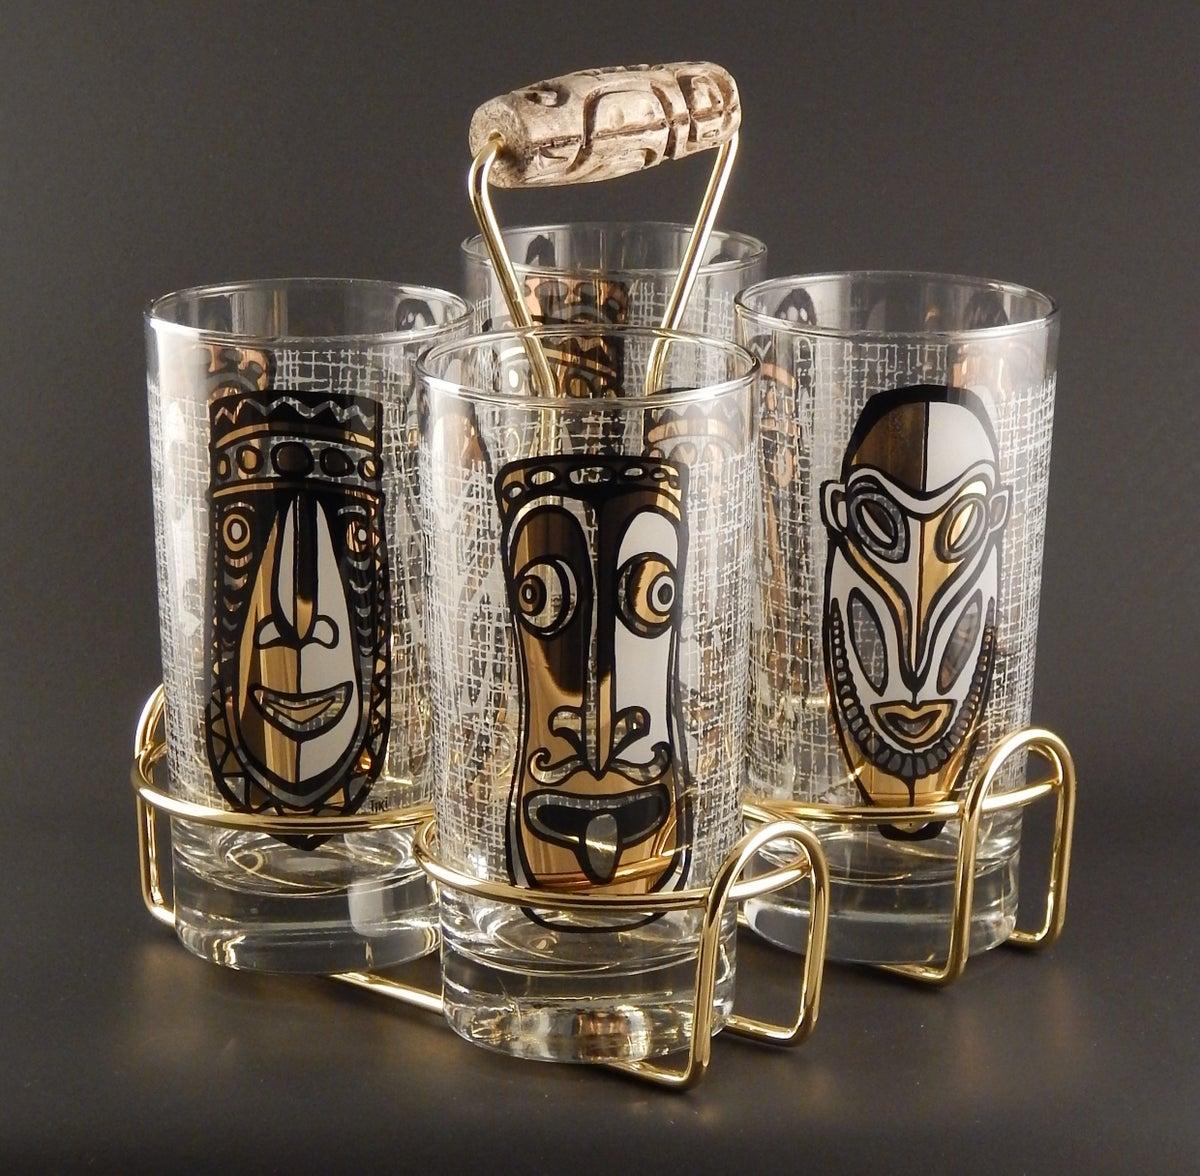 Image of Tiki Diablo Zombie Glass (4) set